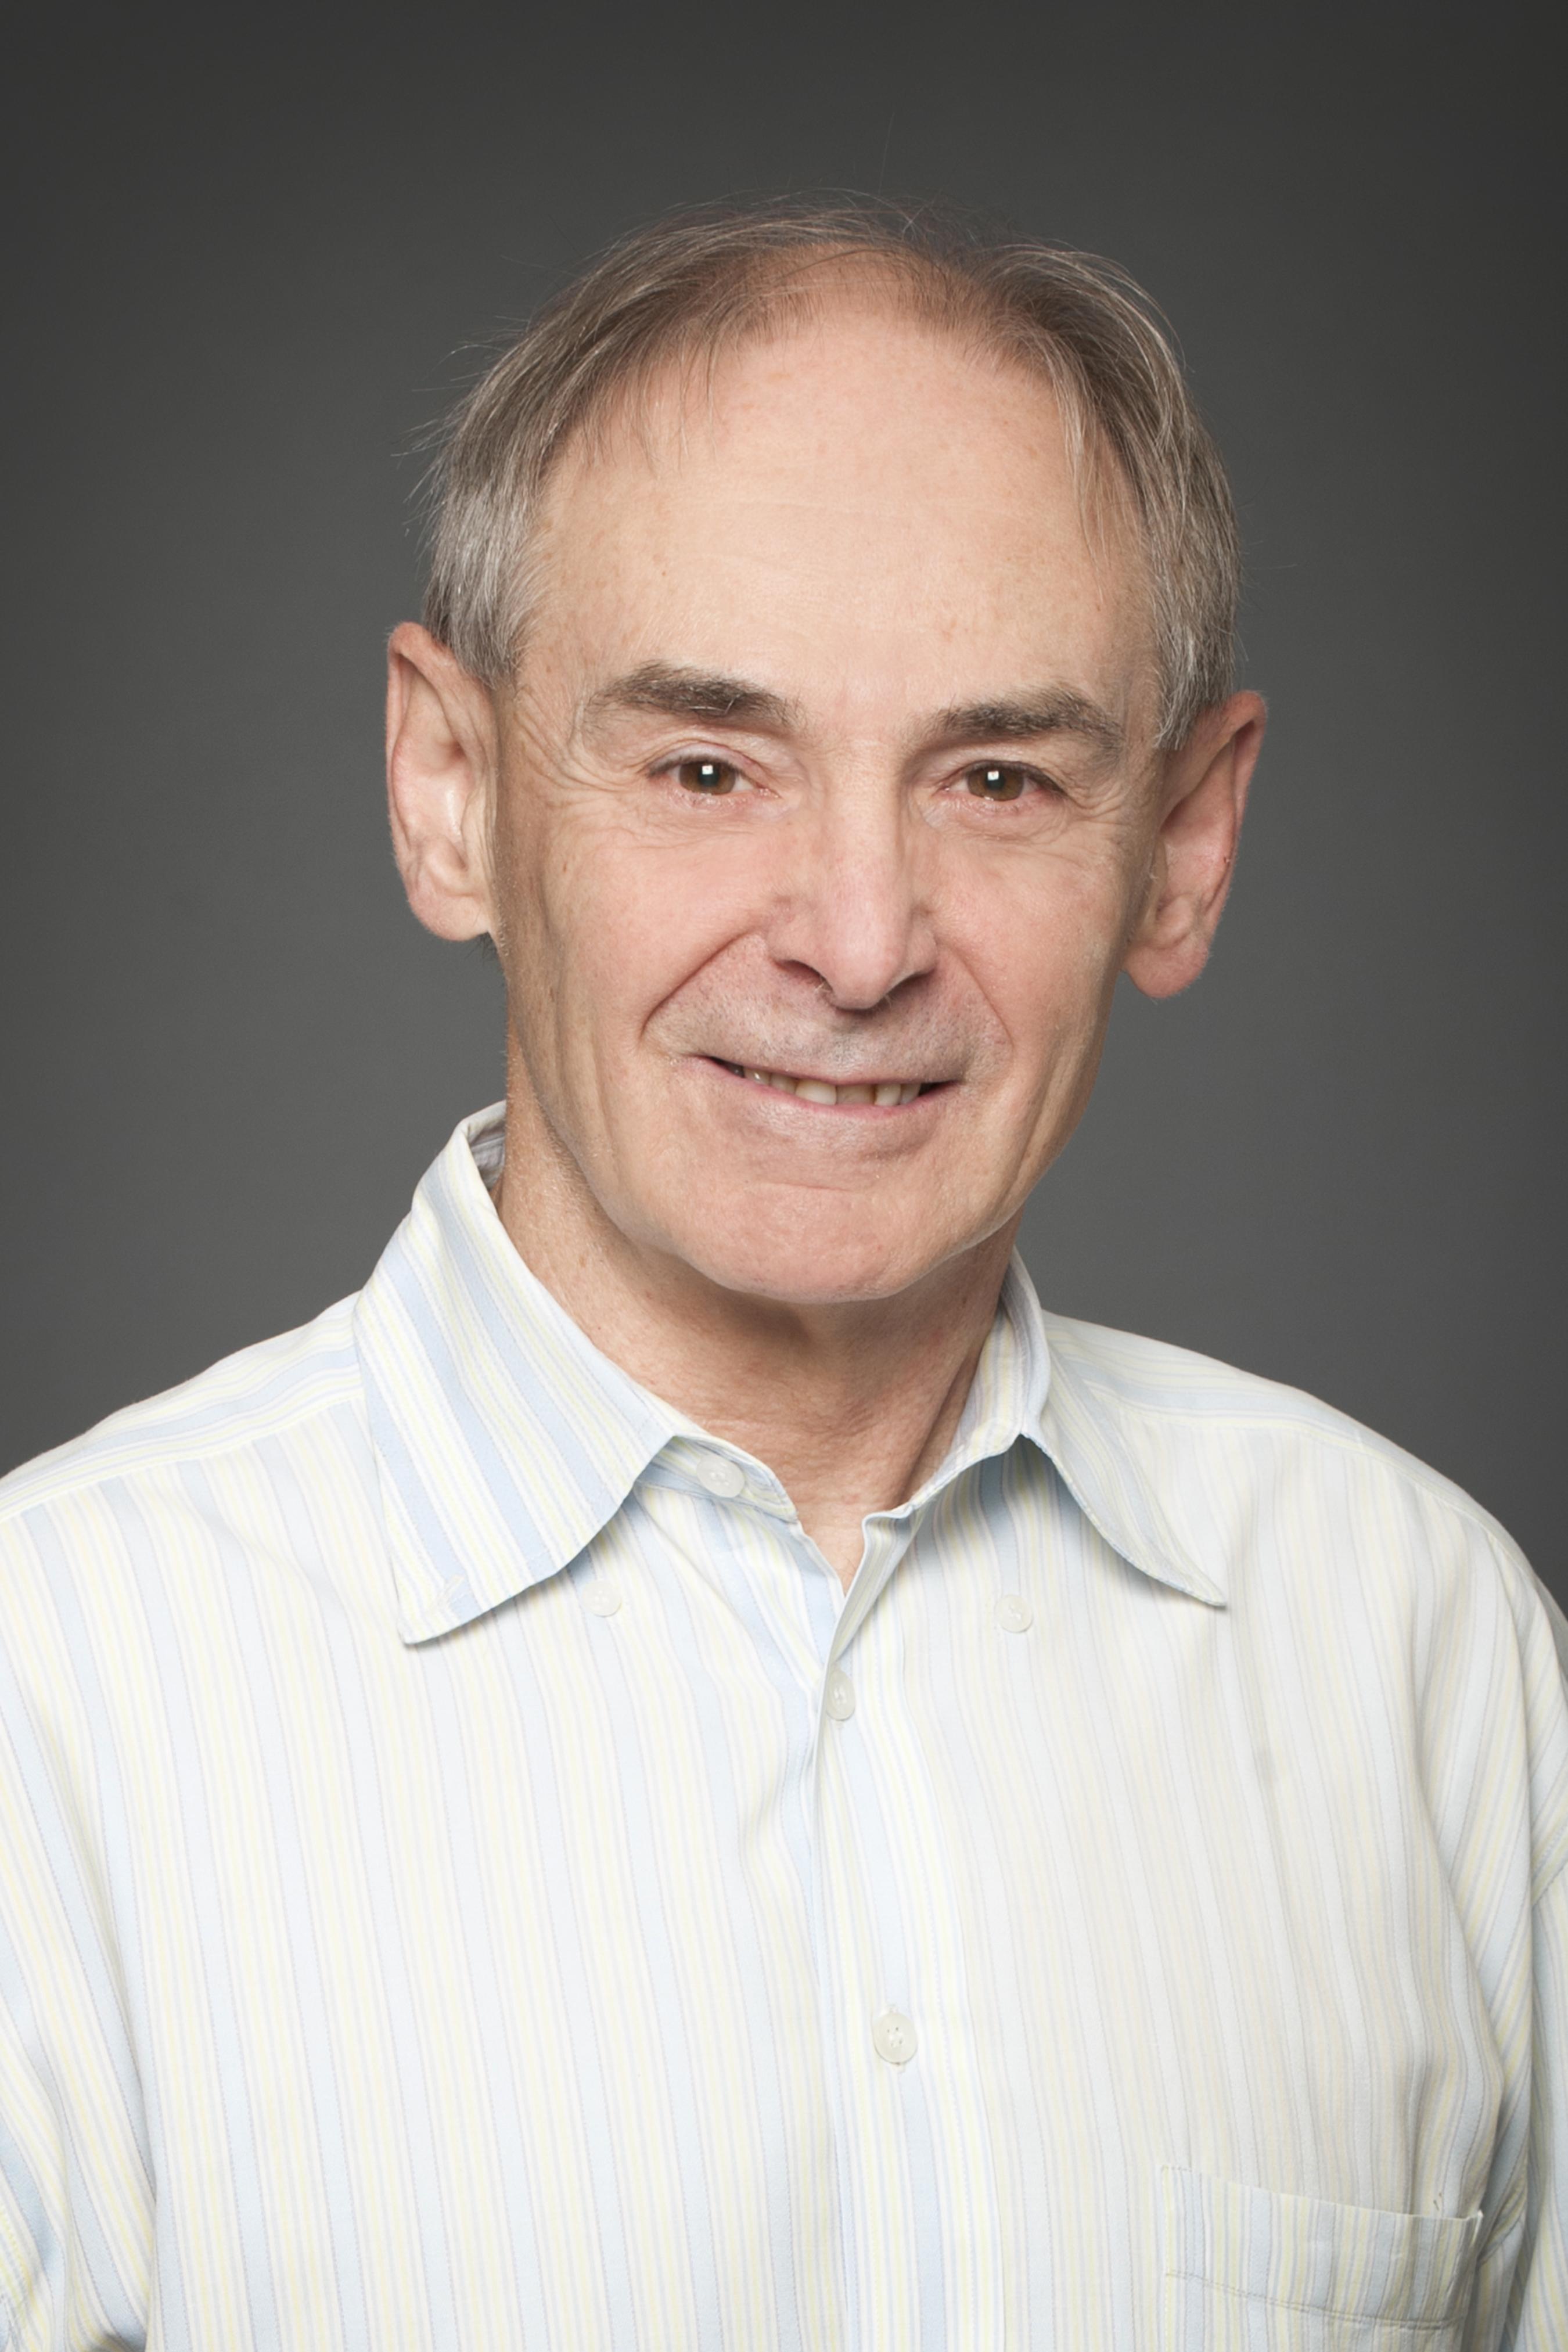 Dr John Joanisse